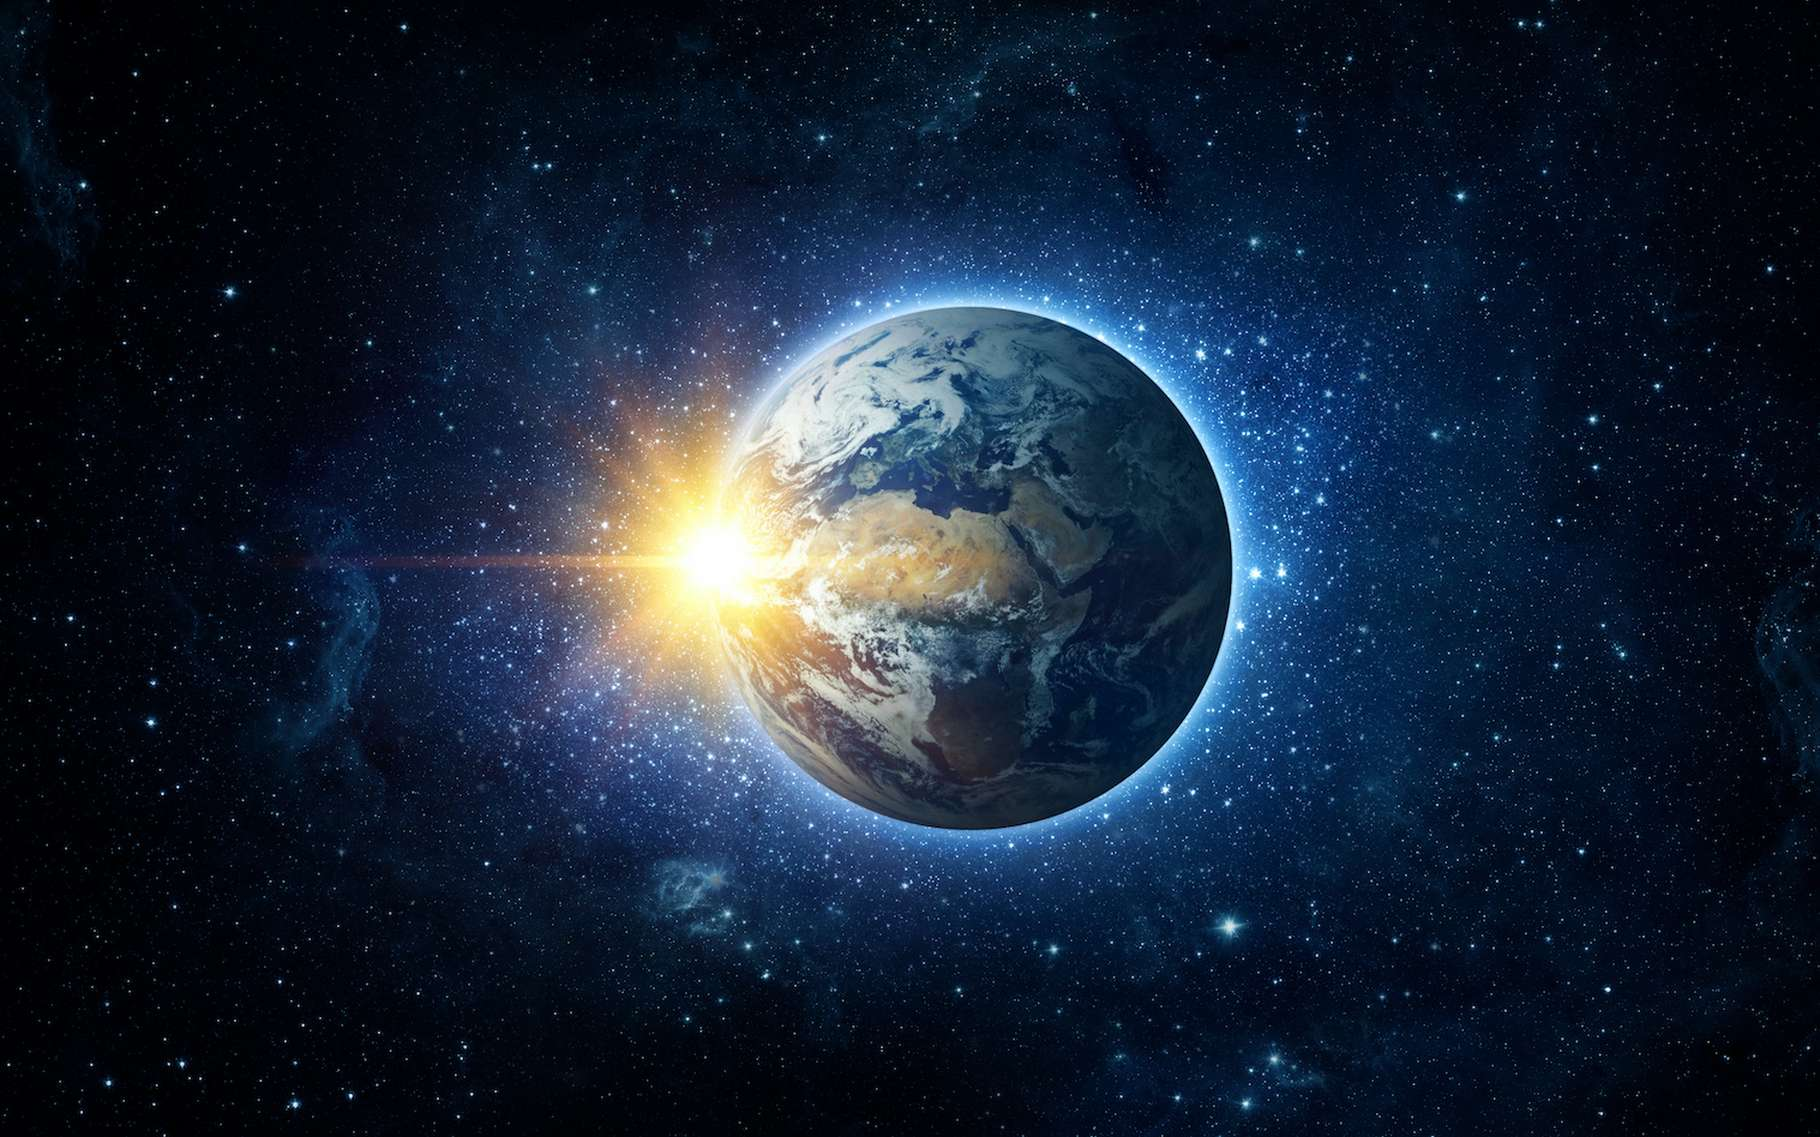 Nous avons tous à apprendre des expériences des autres. Cette fois, ce sont des géologues qui profitent d'un outil développé par des astrophysiciens pour étudier les entrailles de la Terre. © Tryfonov, Adobe Stock